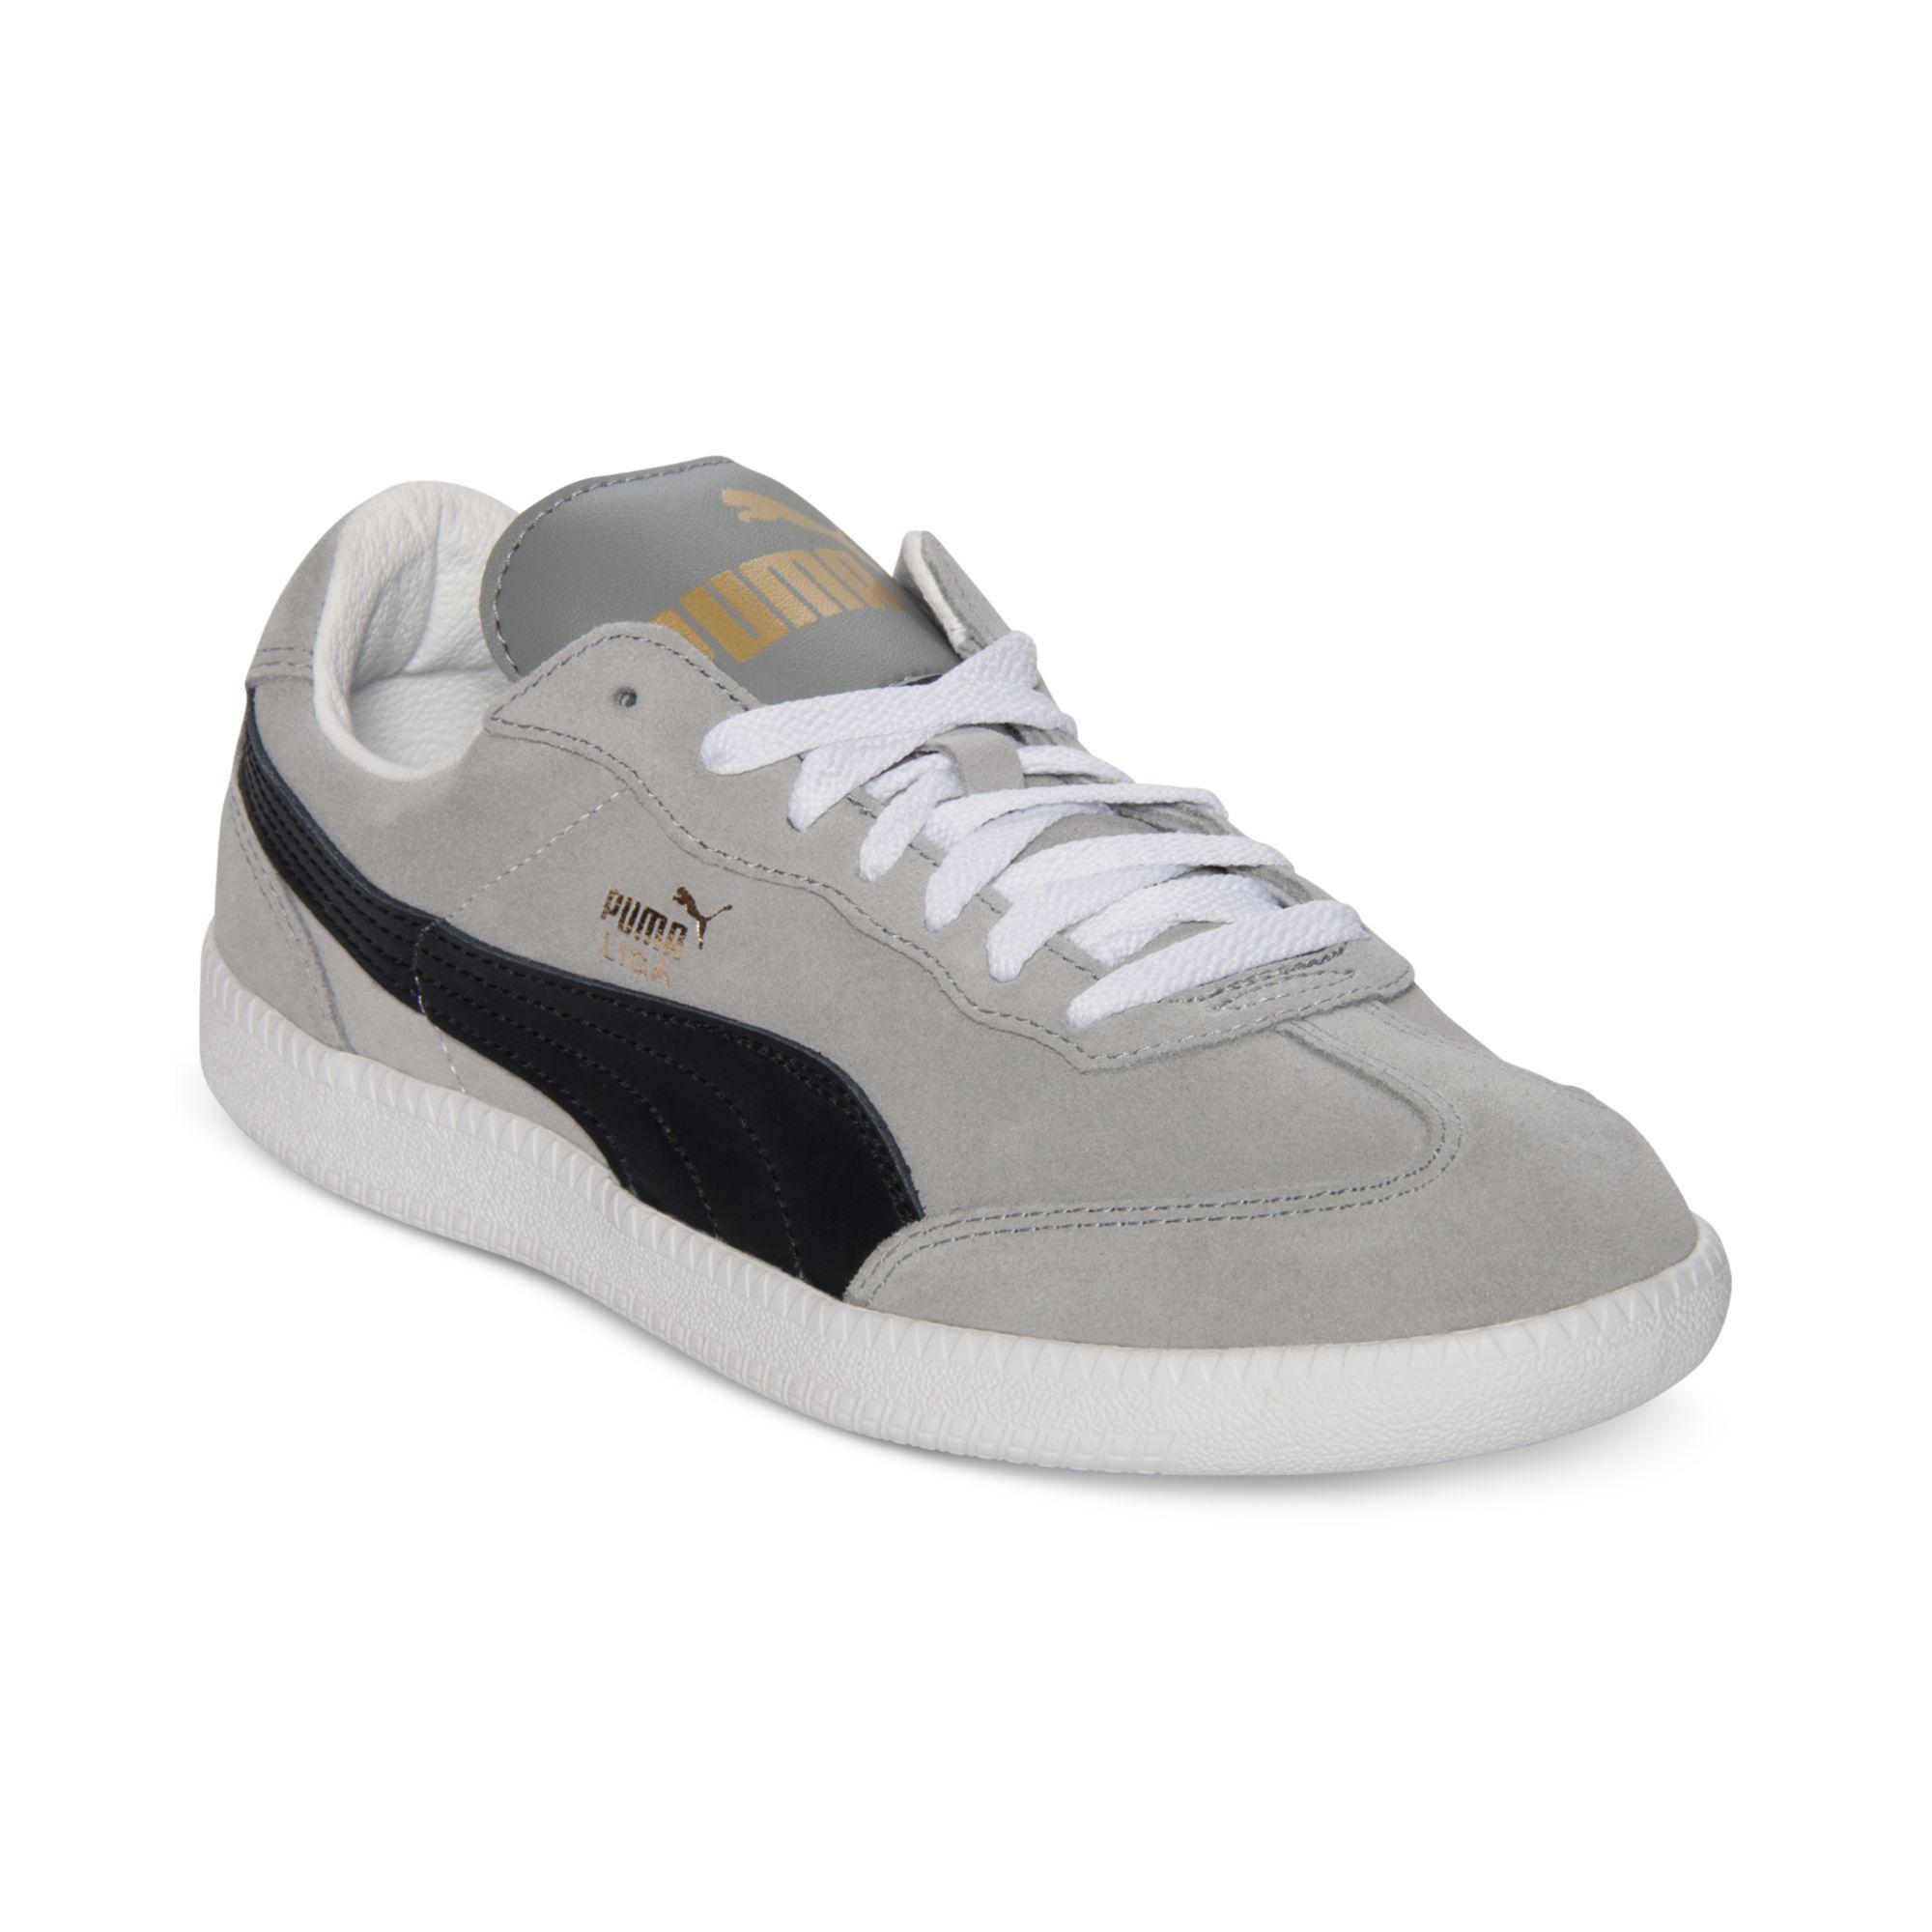 Mens Puma Liga Suede Casual Shoes